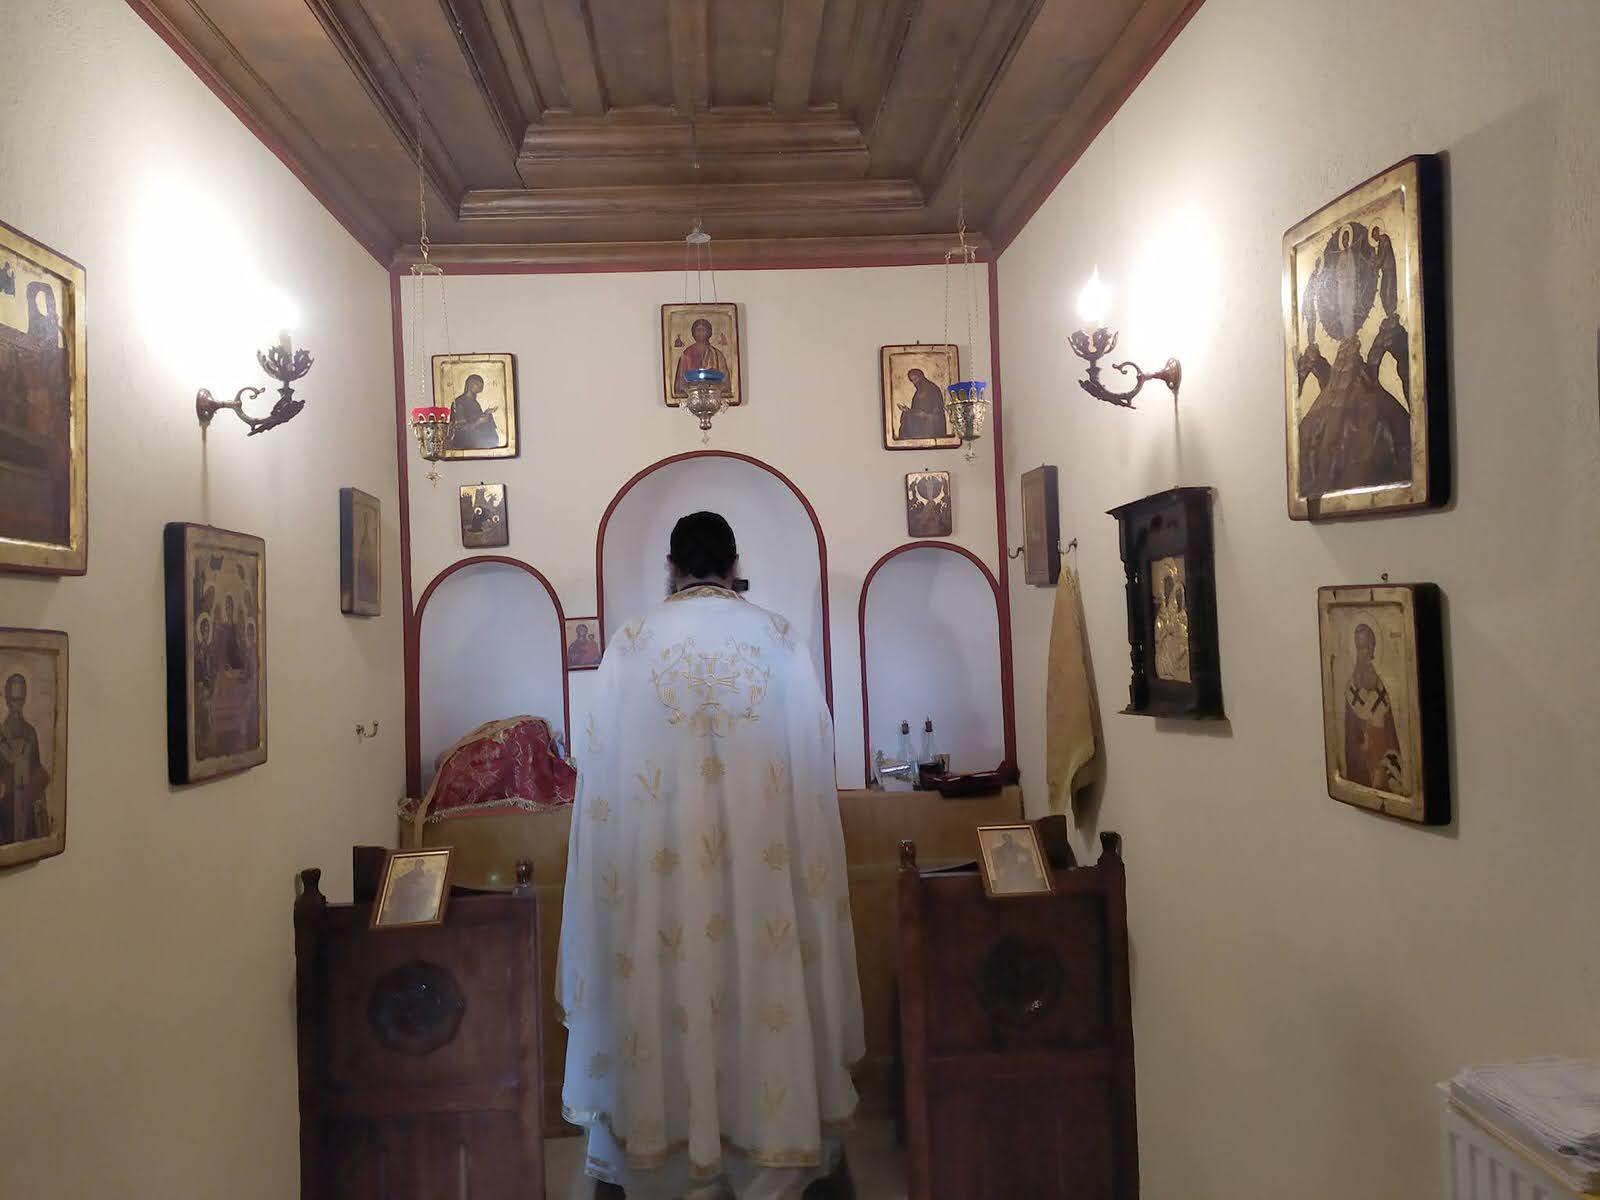 Γιορτή Παρεκκλήσι της Αγίας Τριάδος της Μονής Γηρομερίου Θεσπρωτίας